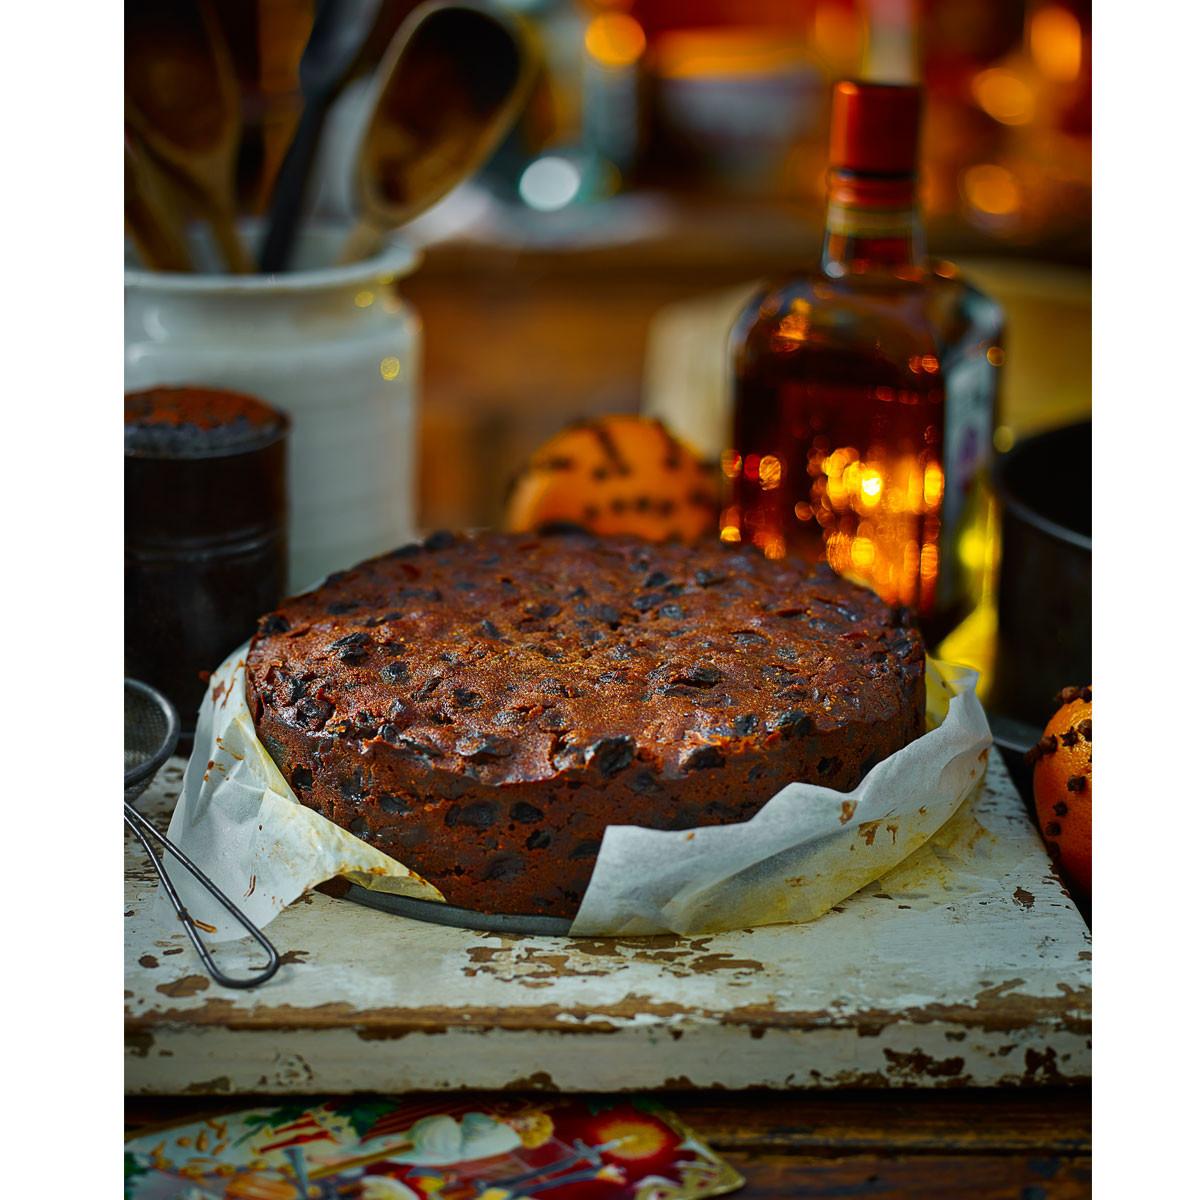 Best Christmas Cake Recipe Ever  Christmas cake recipe Best Christmas cake recipes Good